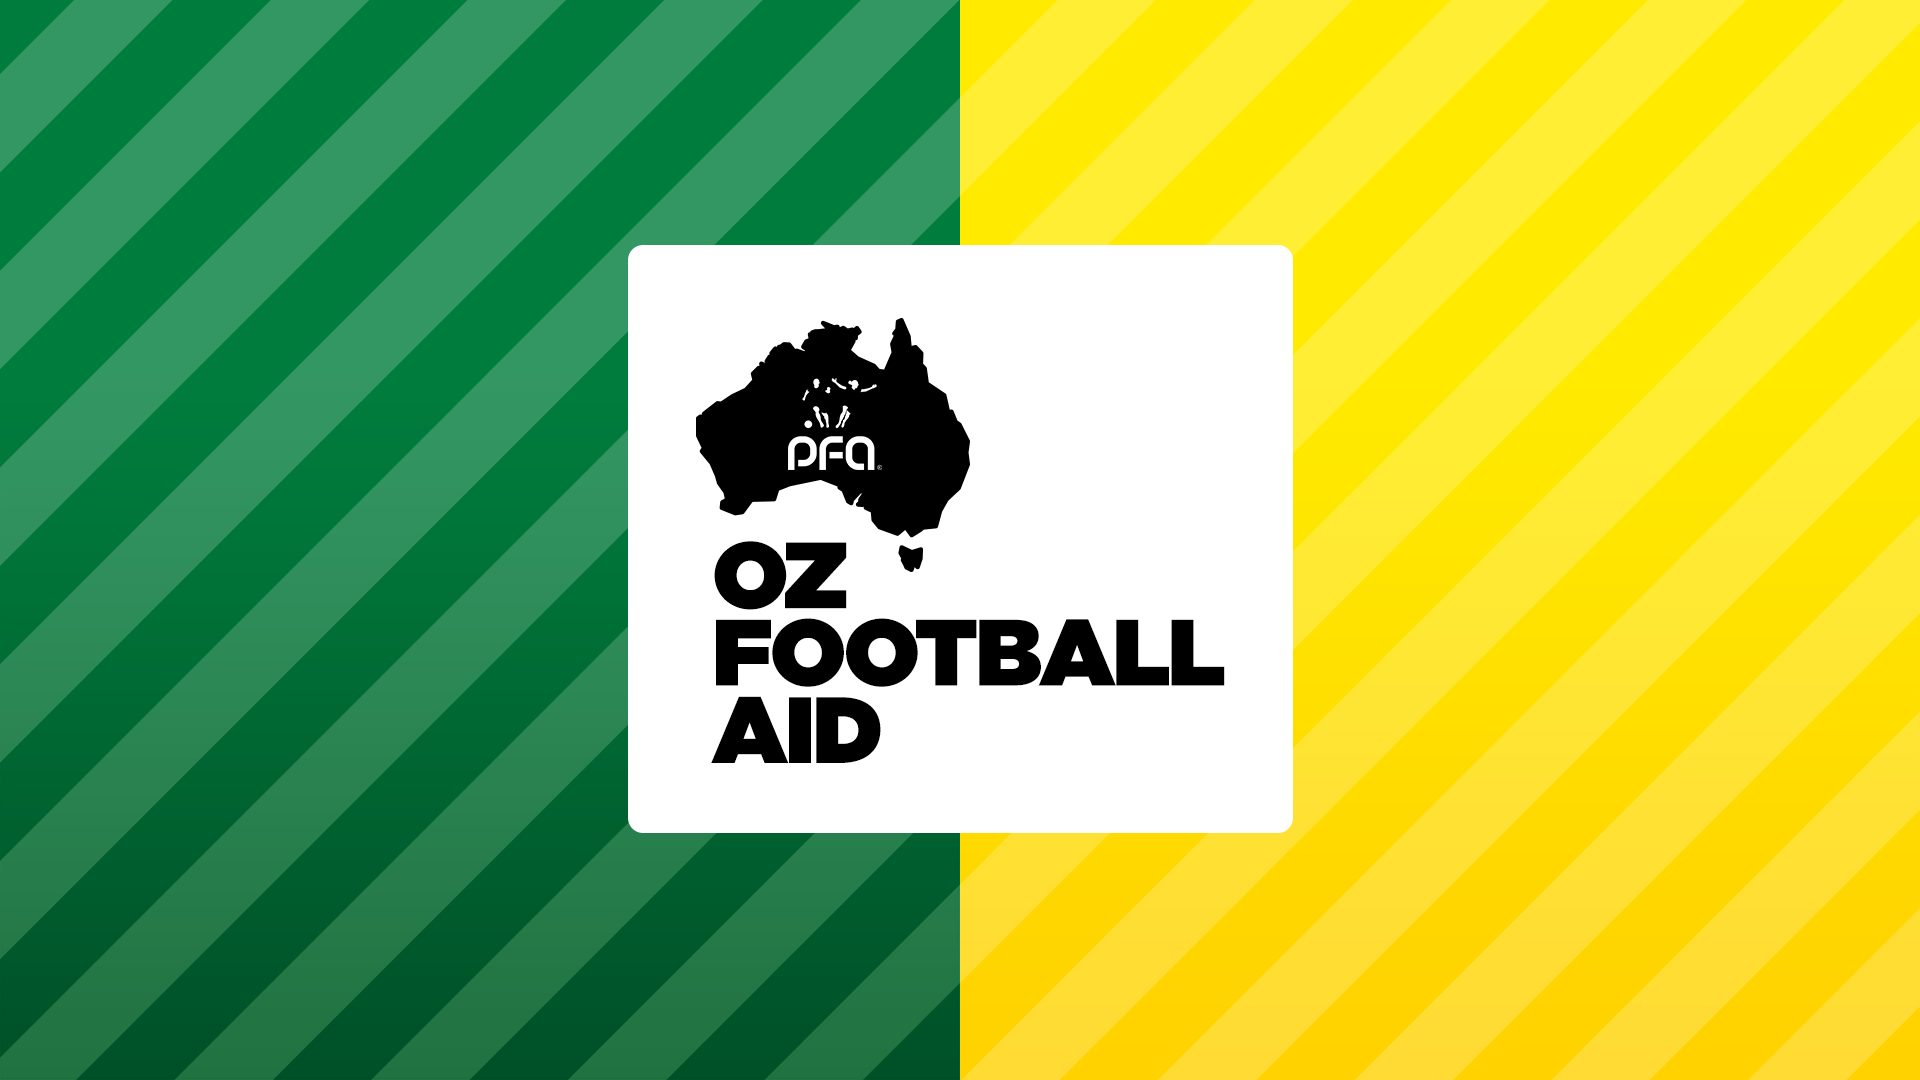 www.myfootball.com.au